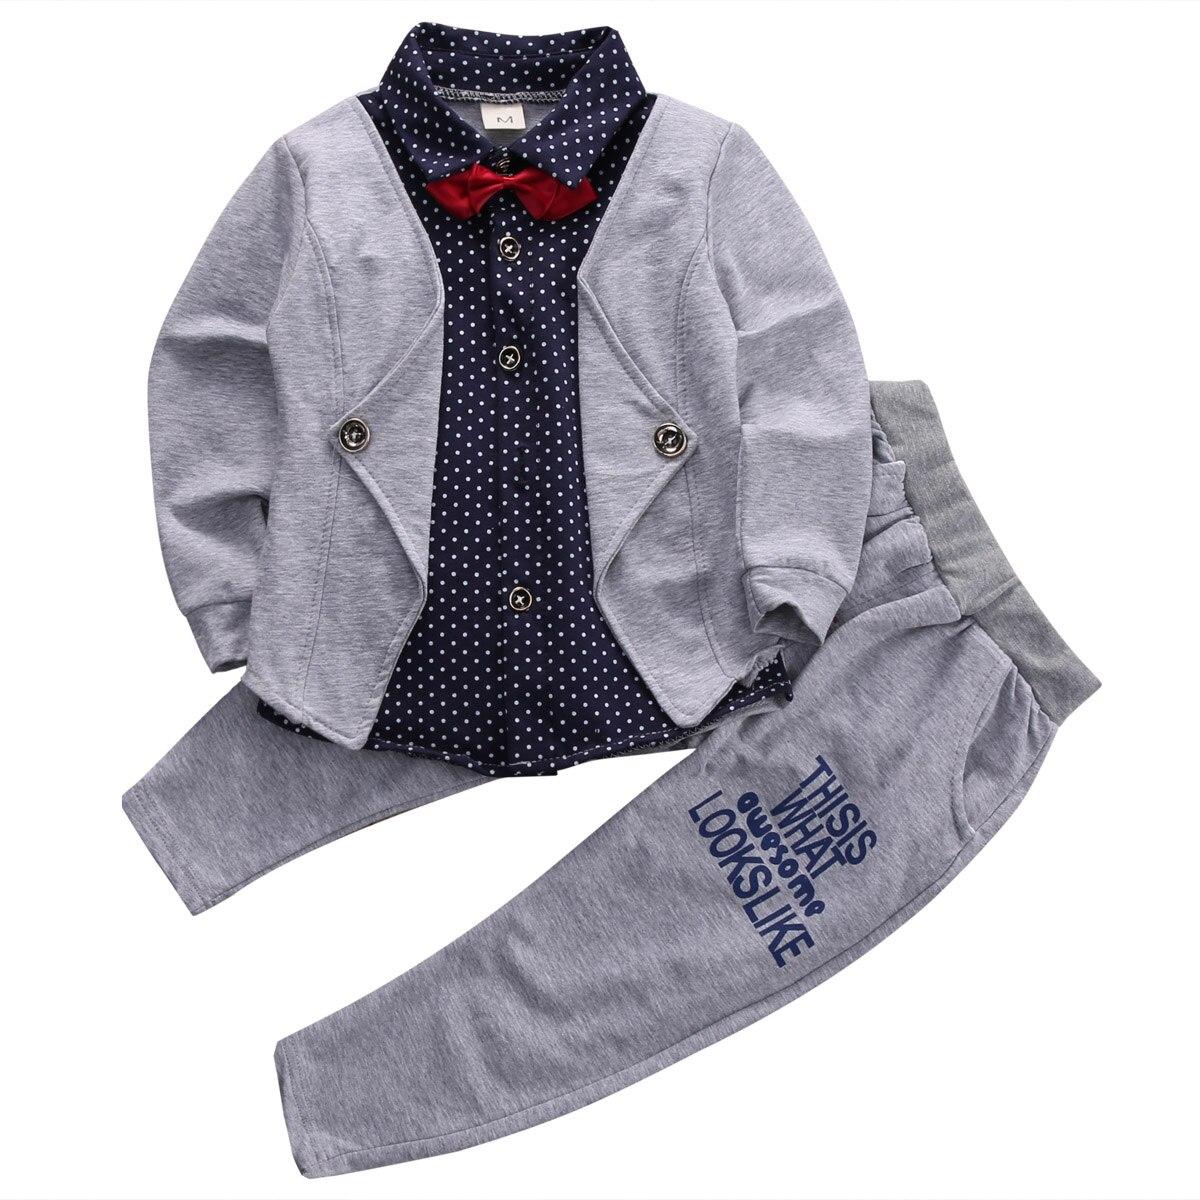 2019 Neuestes Design Pudcoco Baby Jungen Kleidung Frühling Herbst Kinder Kleidung Lange Hülse Taste Top Hemd Jogger Hosen Grau Fest In Der Struktur Kleidung Sets